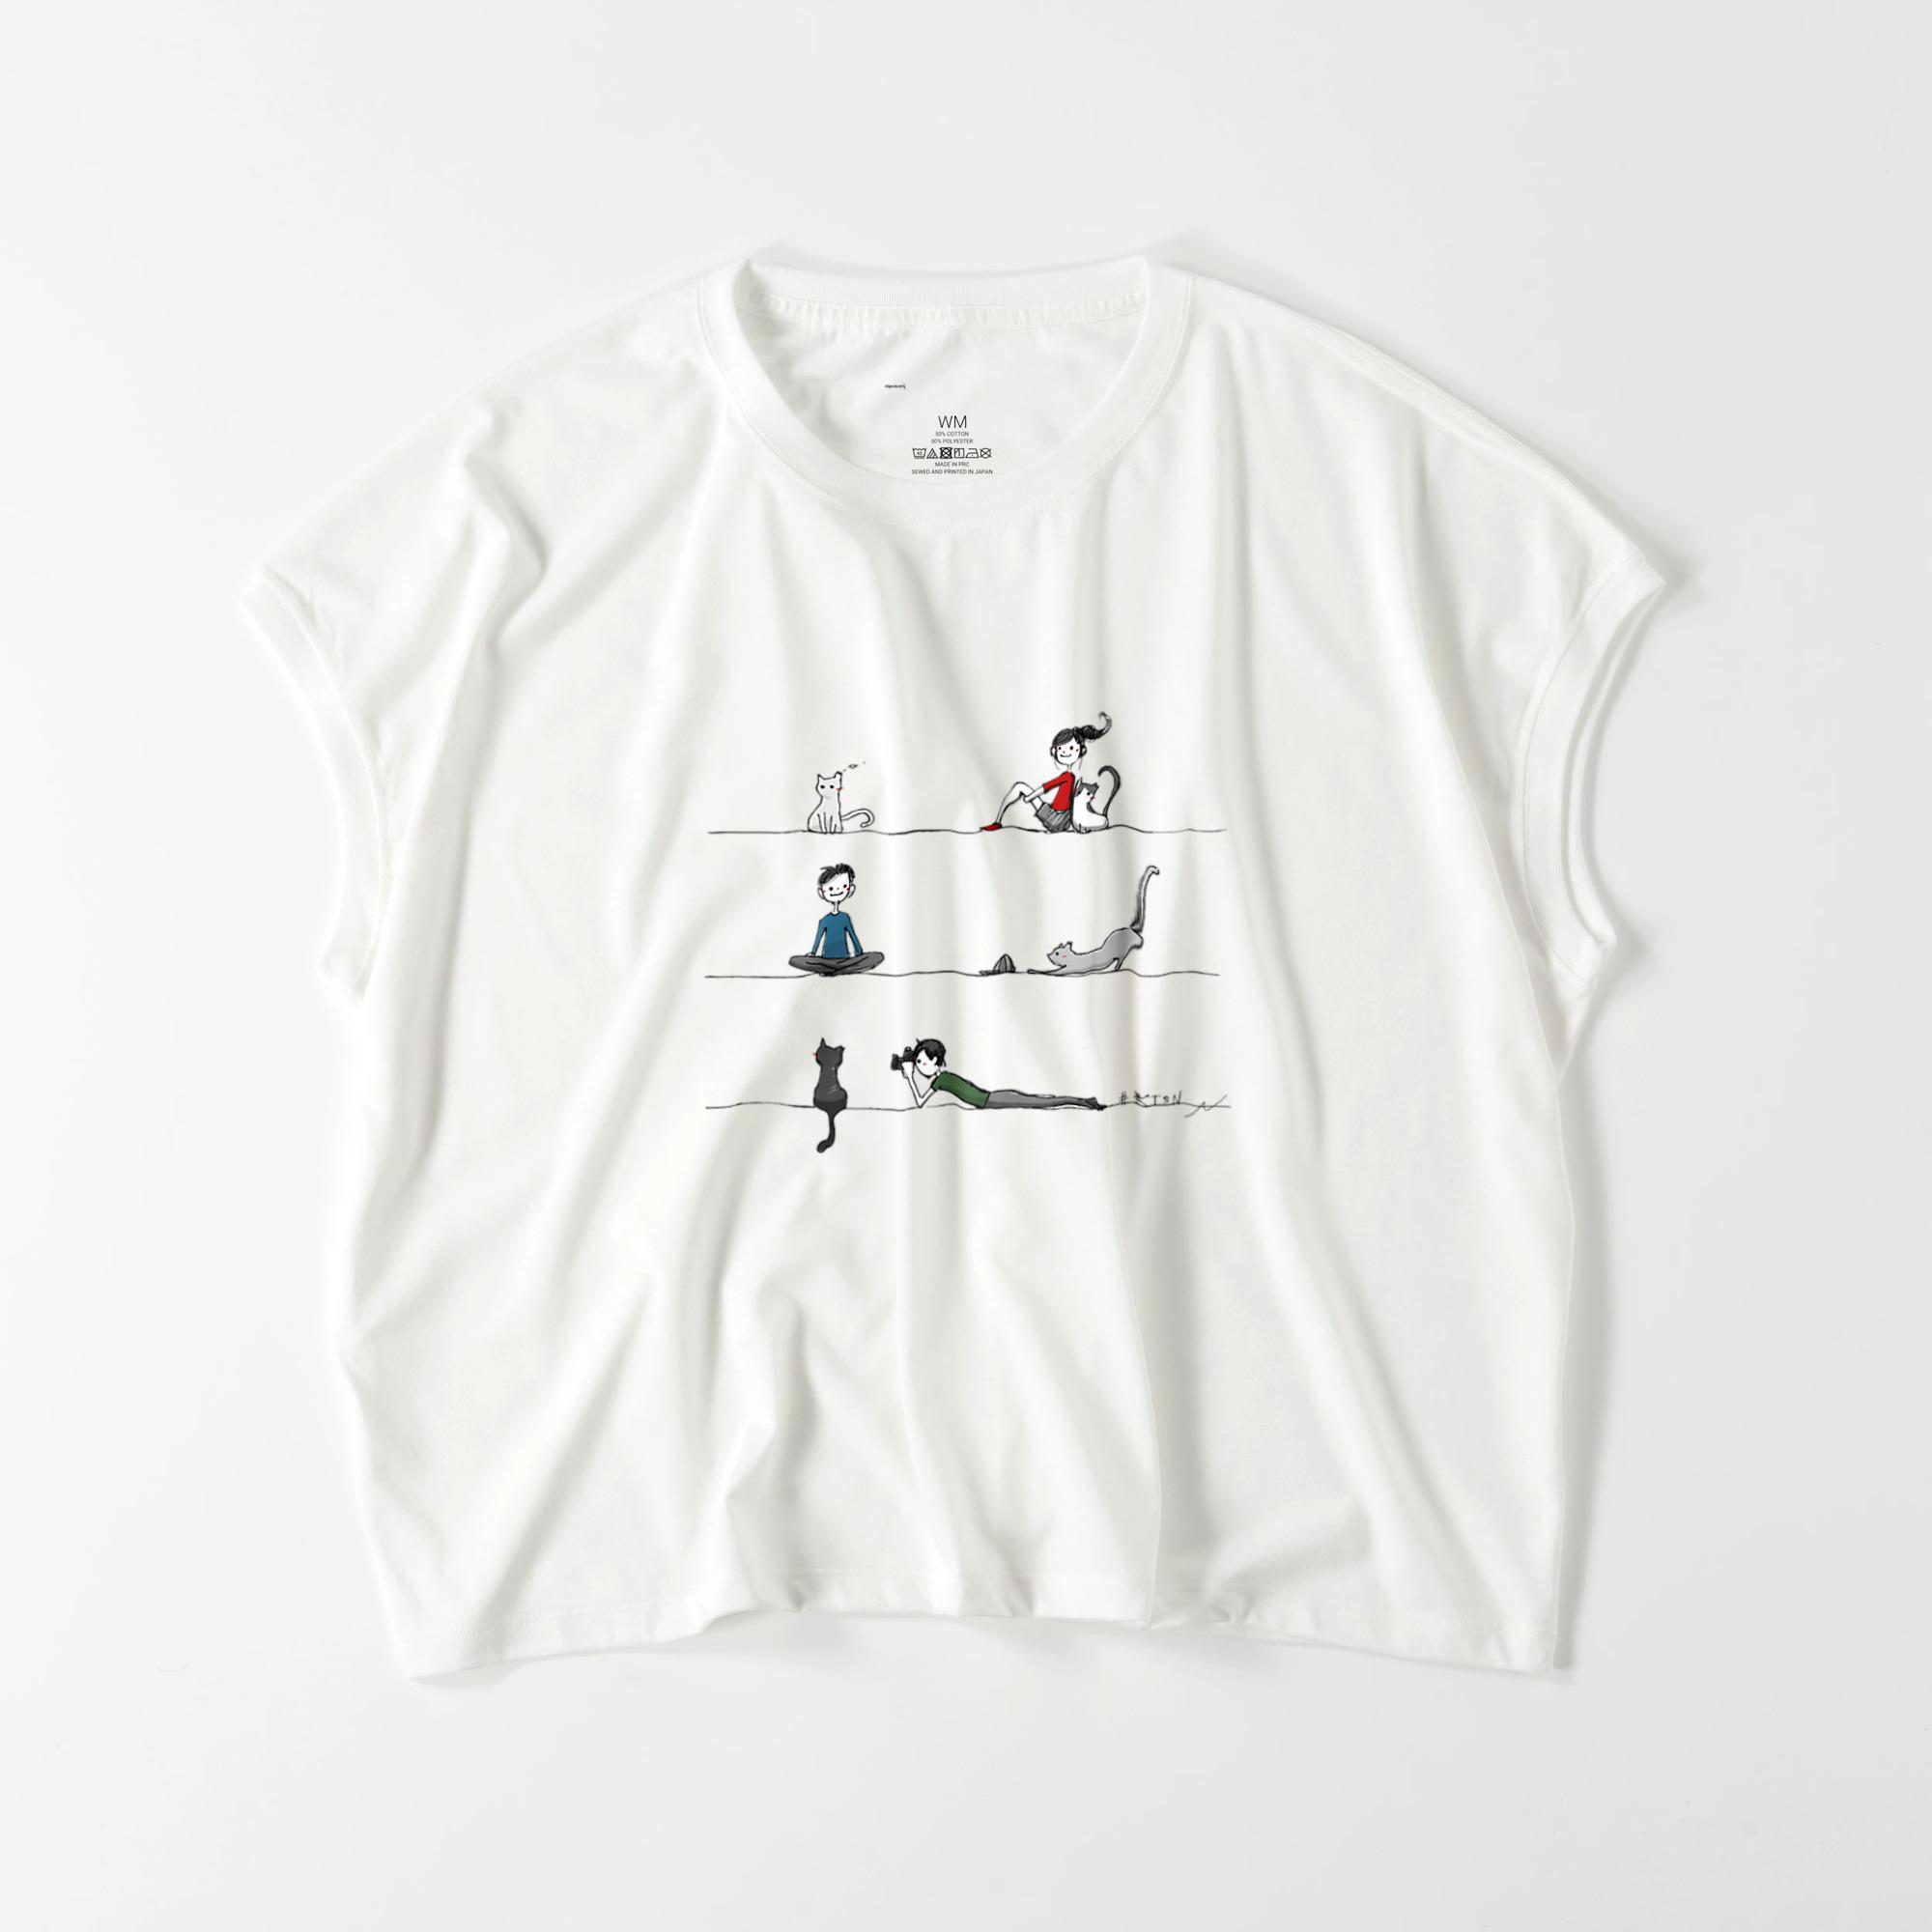 #KTSN×NANA レディースワイドTシャツ